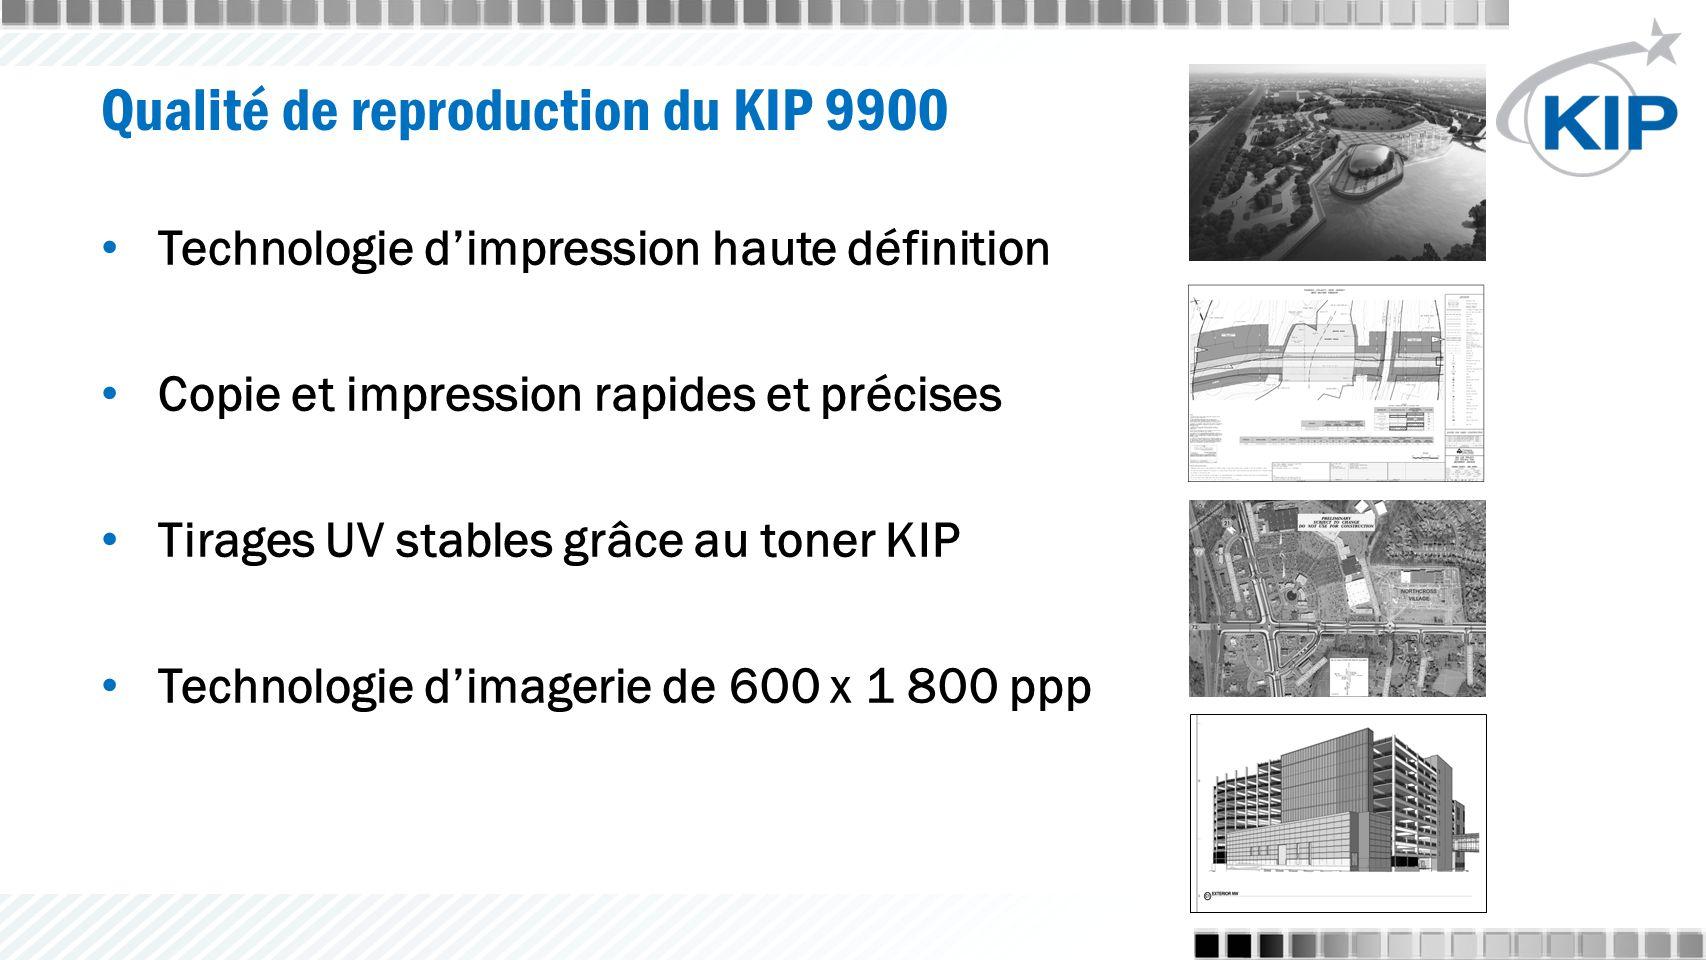 Qualité de reproduction du KIP 9900 Technologie d'impression haute définition Copie et impression rapides et précises Tirages UV stables grâce au toner KIP Technologie d'imagerie de 600 x 1 800 ppp